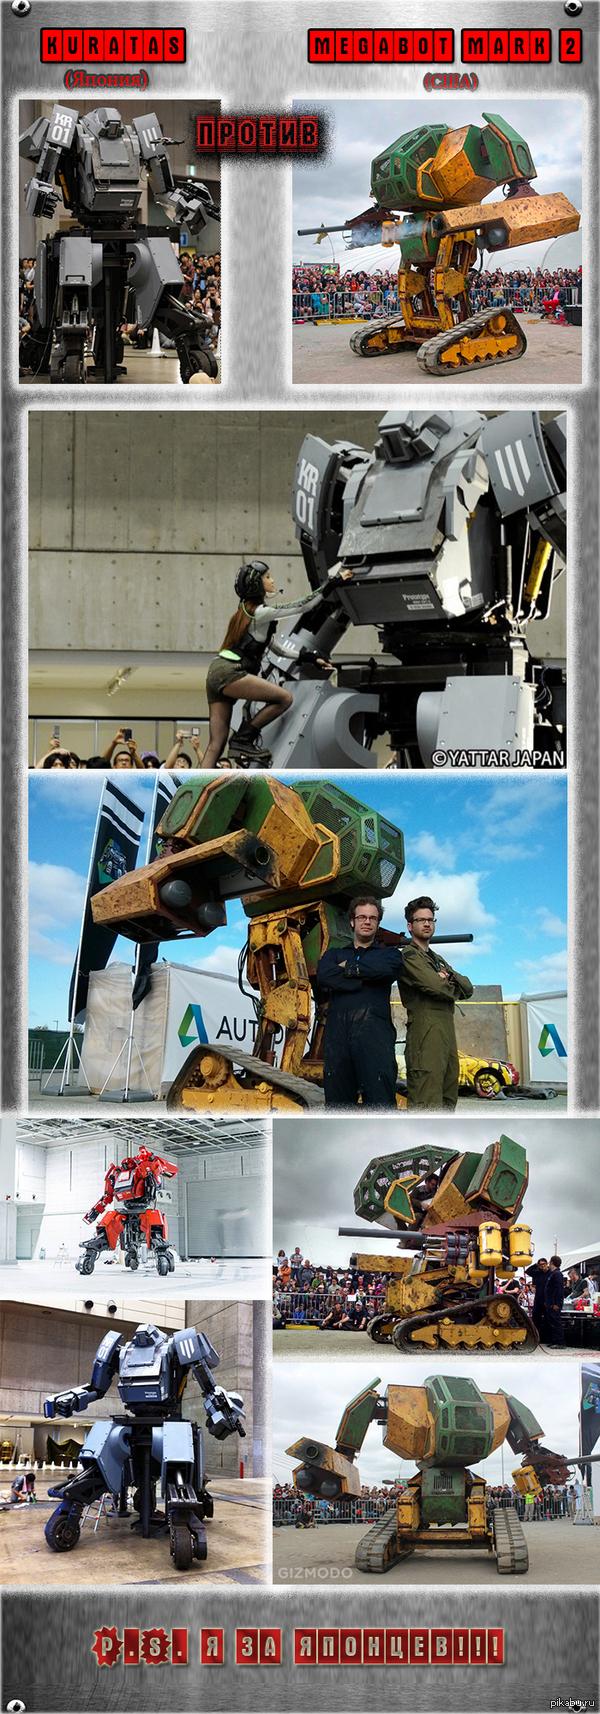 Это случилось! Битва гигантских роботов состоится через год Создатель японского боевого робота Kuratos принял вызов создателей американского Megabot Mark 2. видео в комментариях